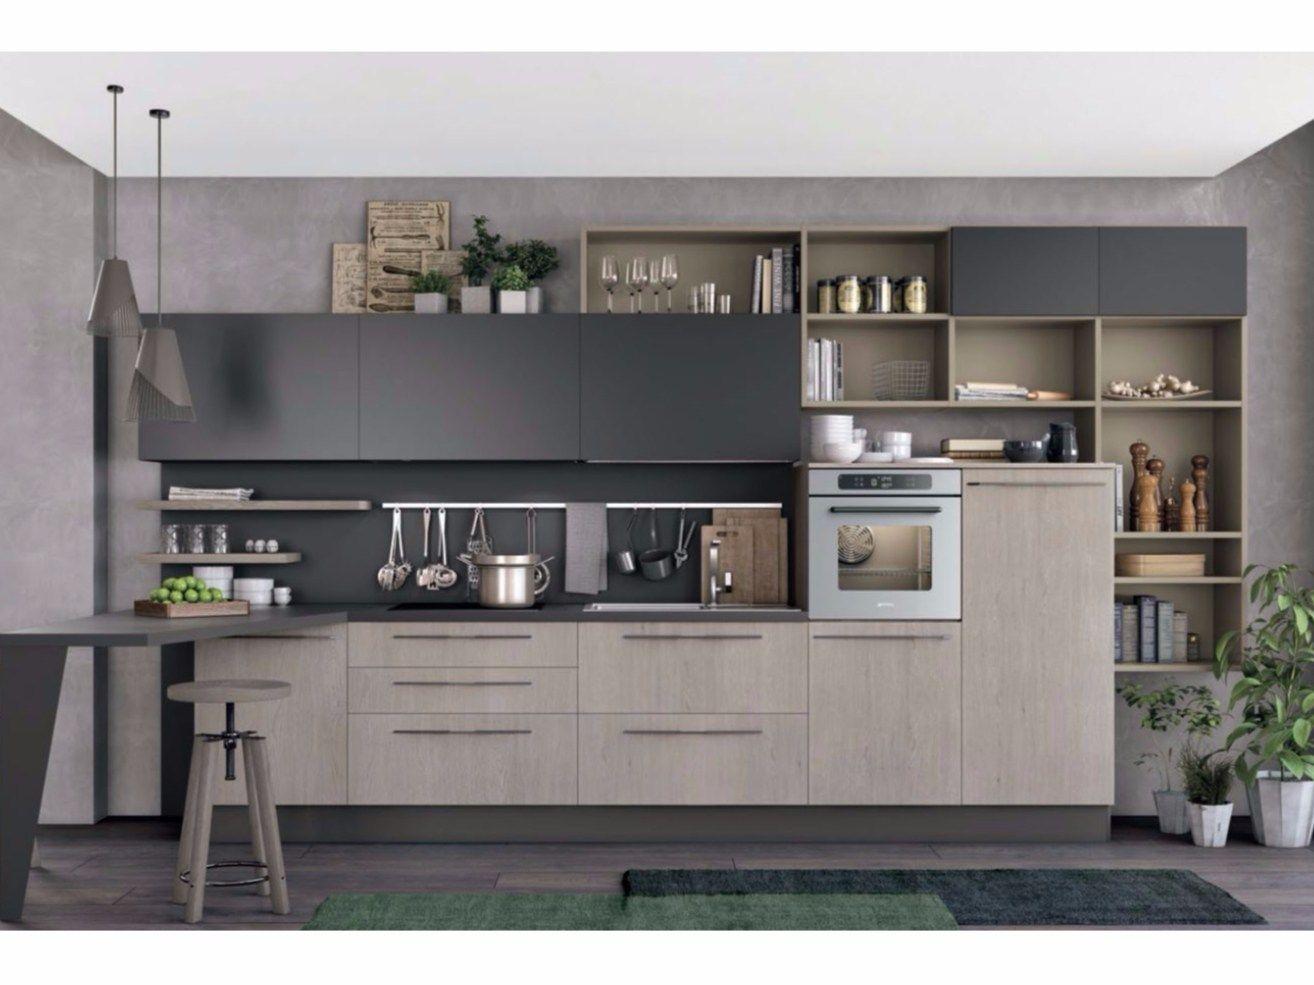 Linear Fitted Kitchen Clover 03 By Cucine Lube Kitchen Design Small Kitchen Inspiration Design Kitchen Room Design